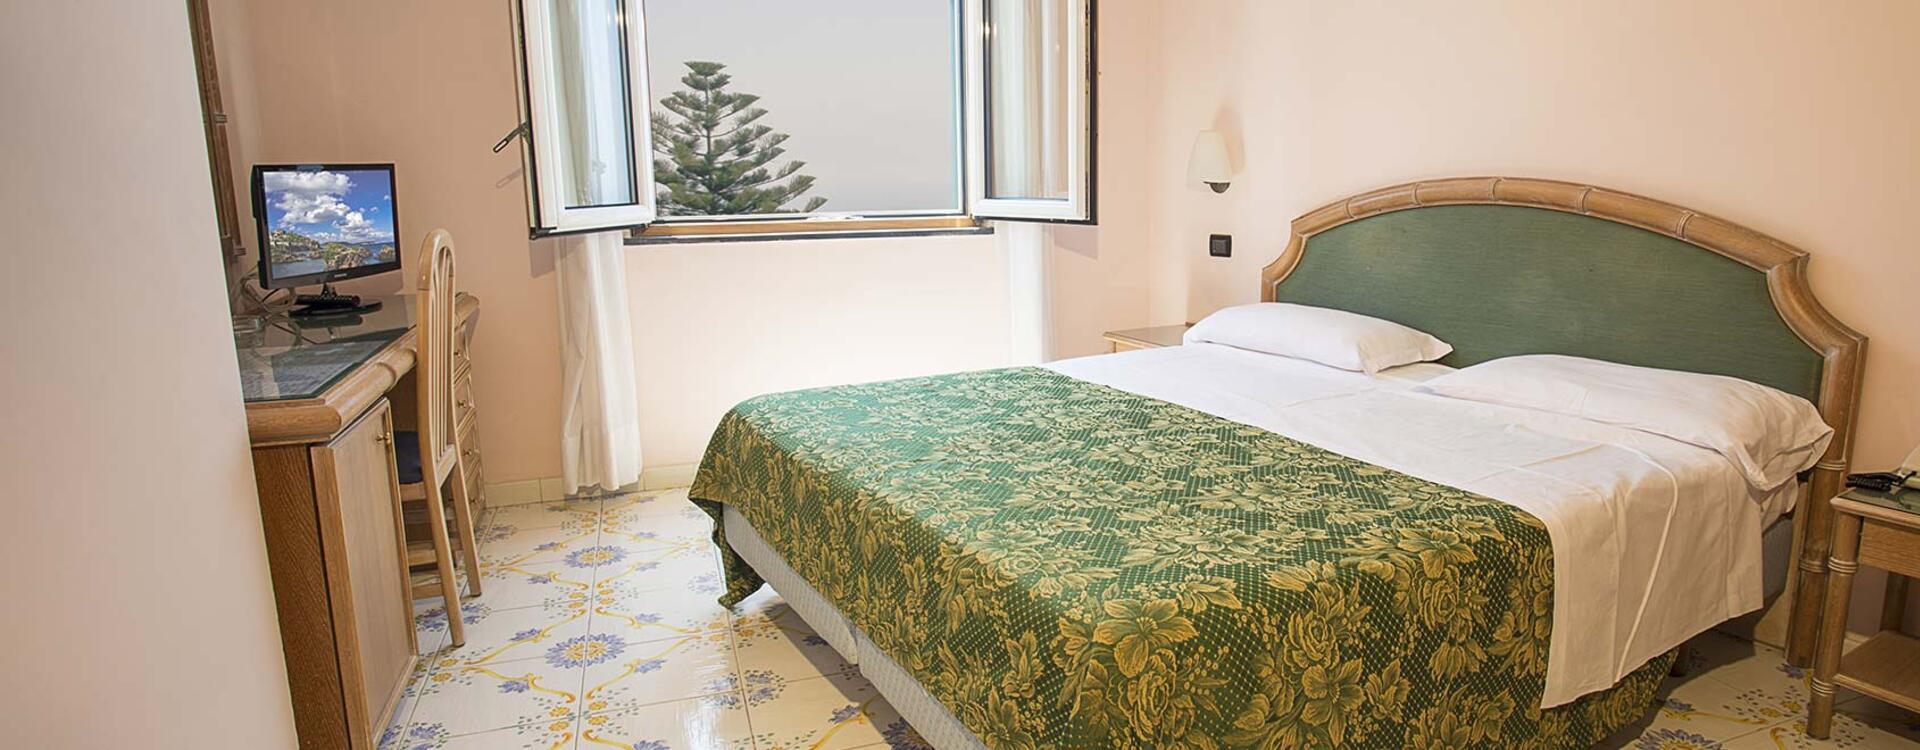 hotelsaintraphaelischia en hotel-rooms-ischia 009